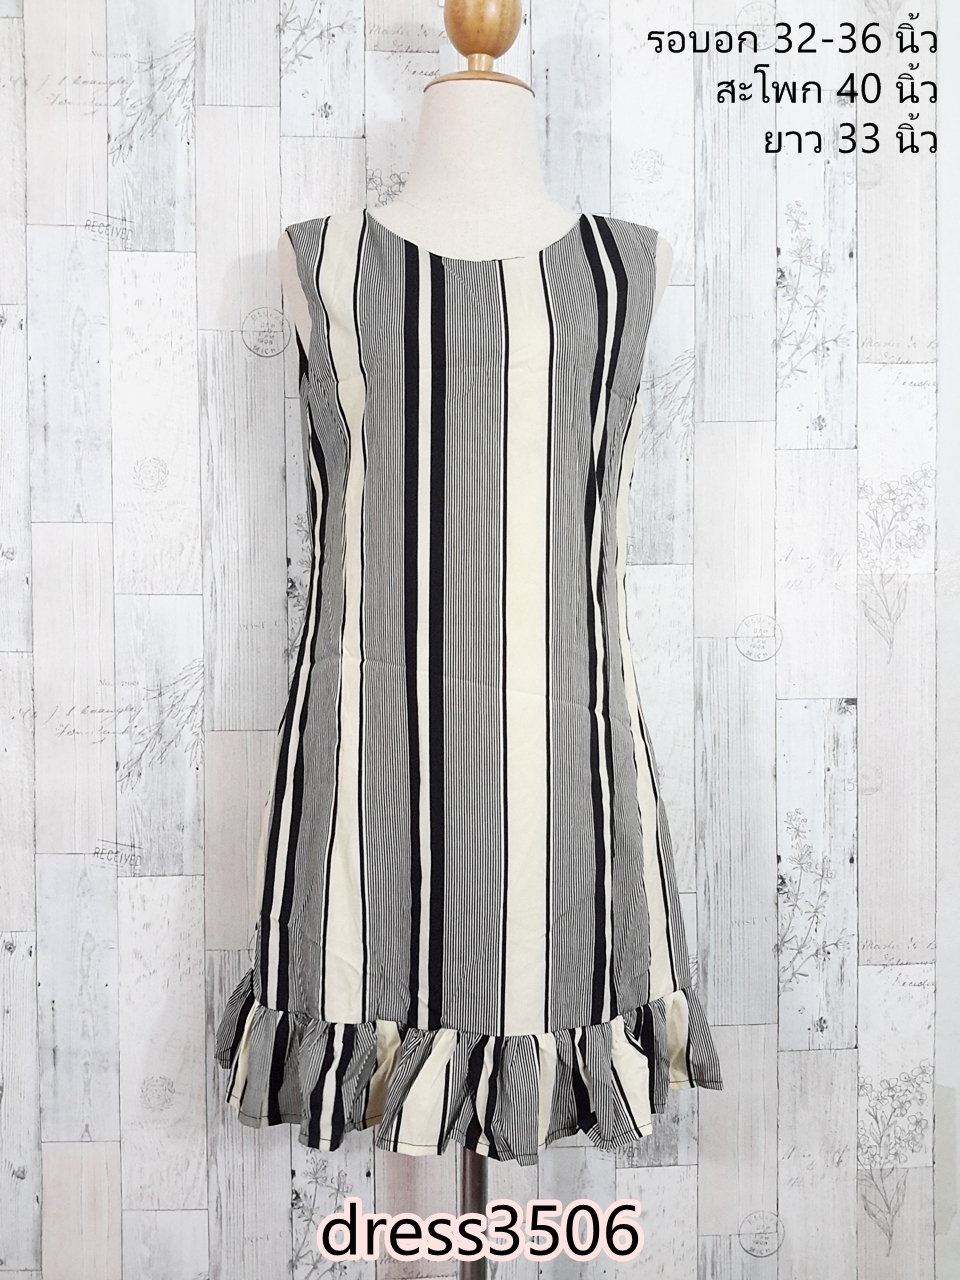 LOT SALE!! Dress3506 ชุดเดรสน่ารัก แต่งโบว์ด้านหลัง ชายระบาย ผ้าไหมอิตาลีเนื้อนิ่มลายริ้ว สีเหลือง